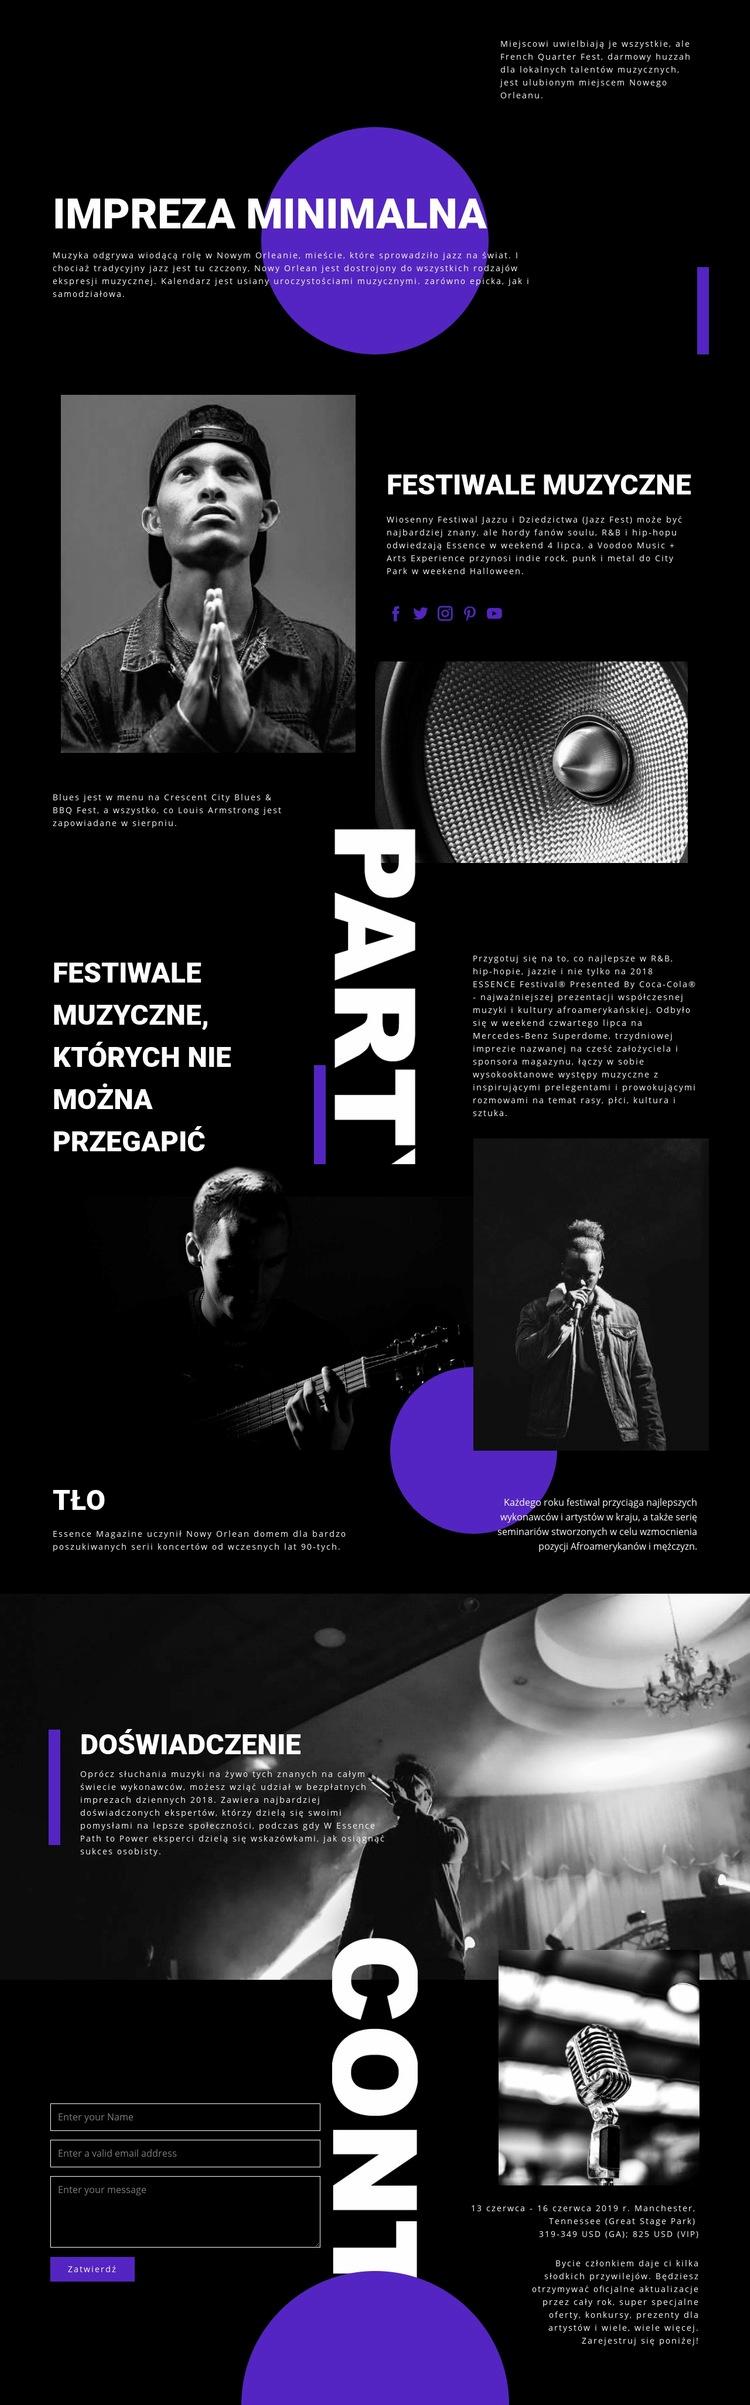 Festiwal Muzyczny Szablon witryny sieci Web